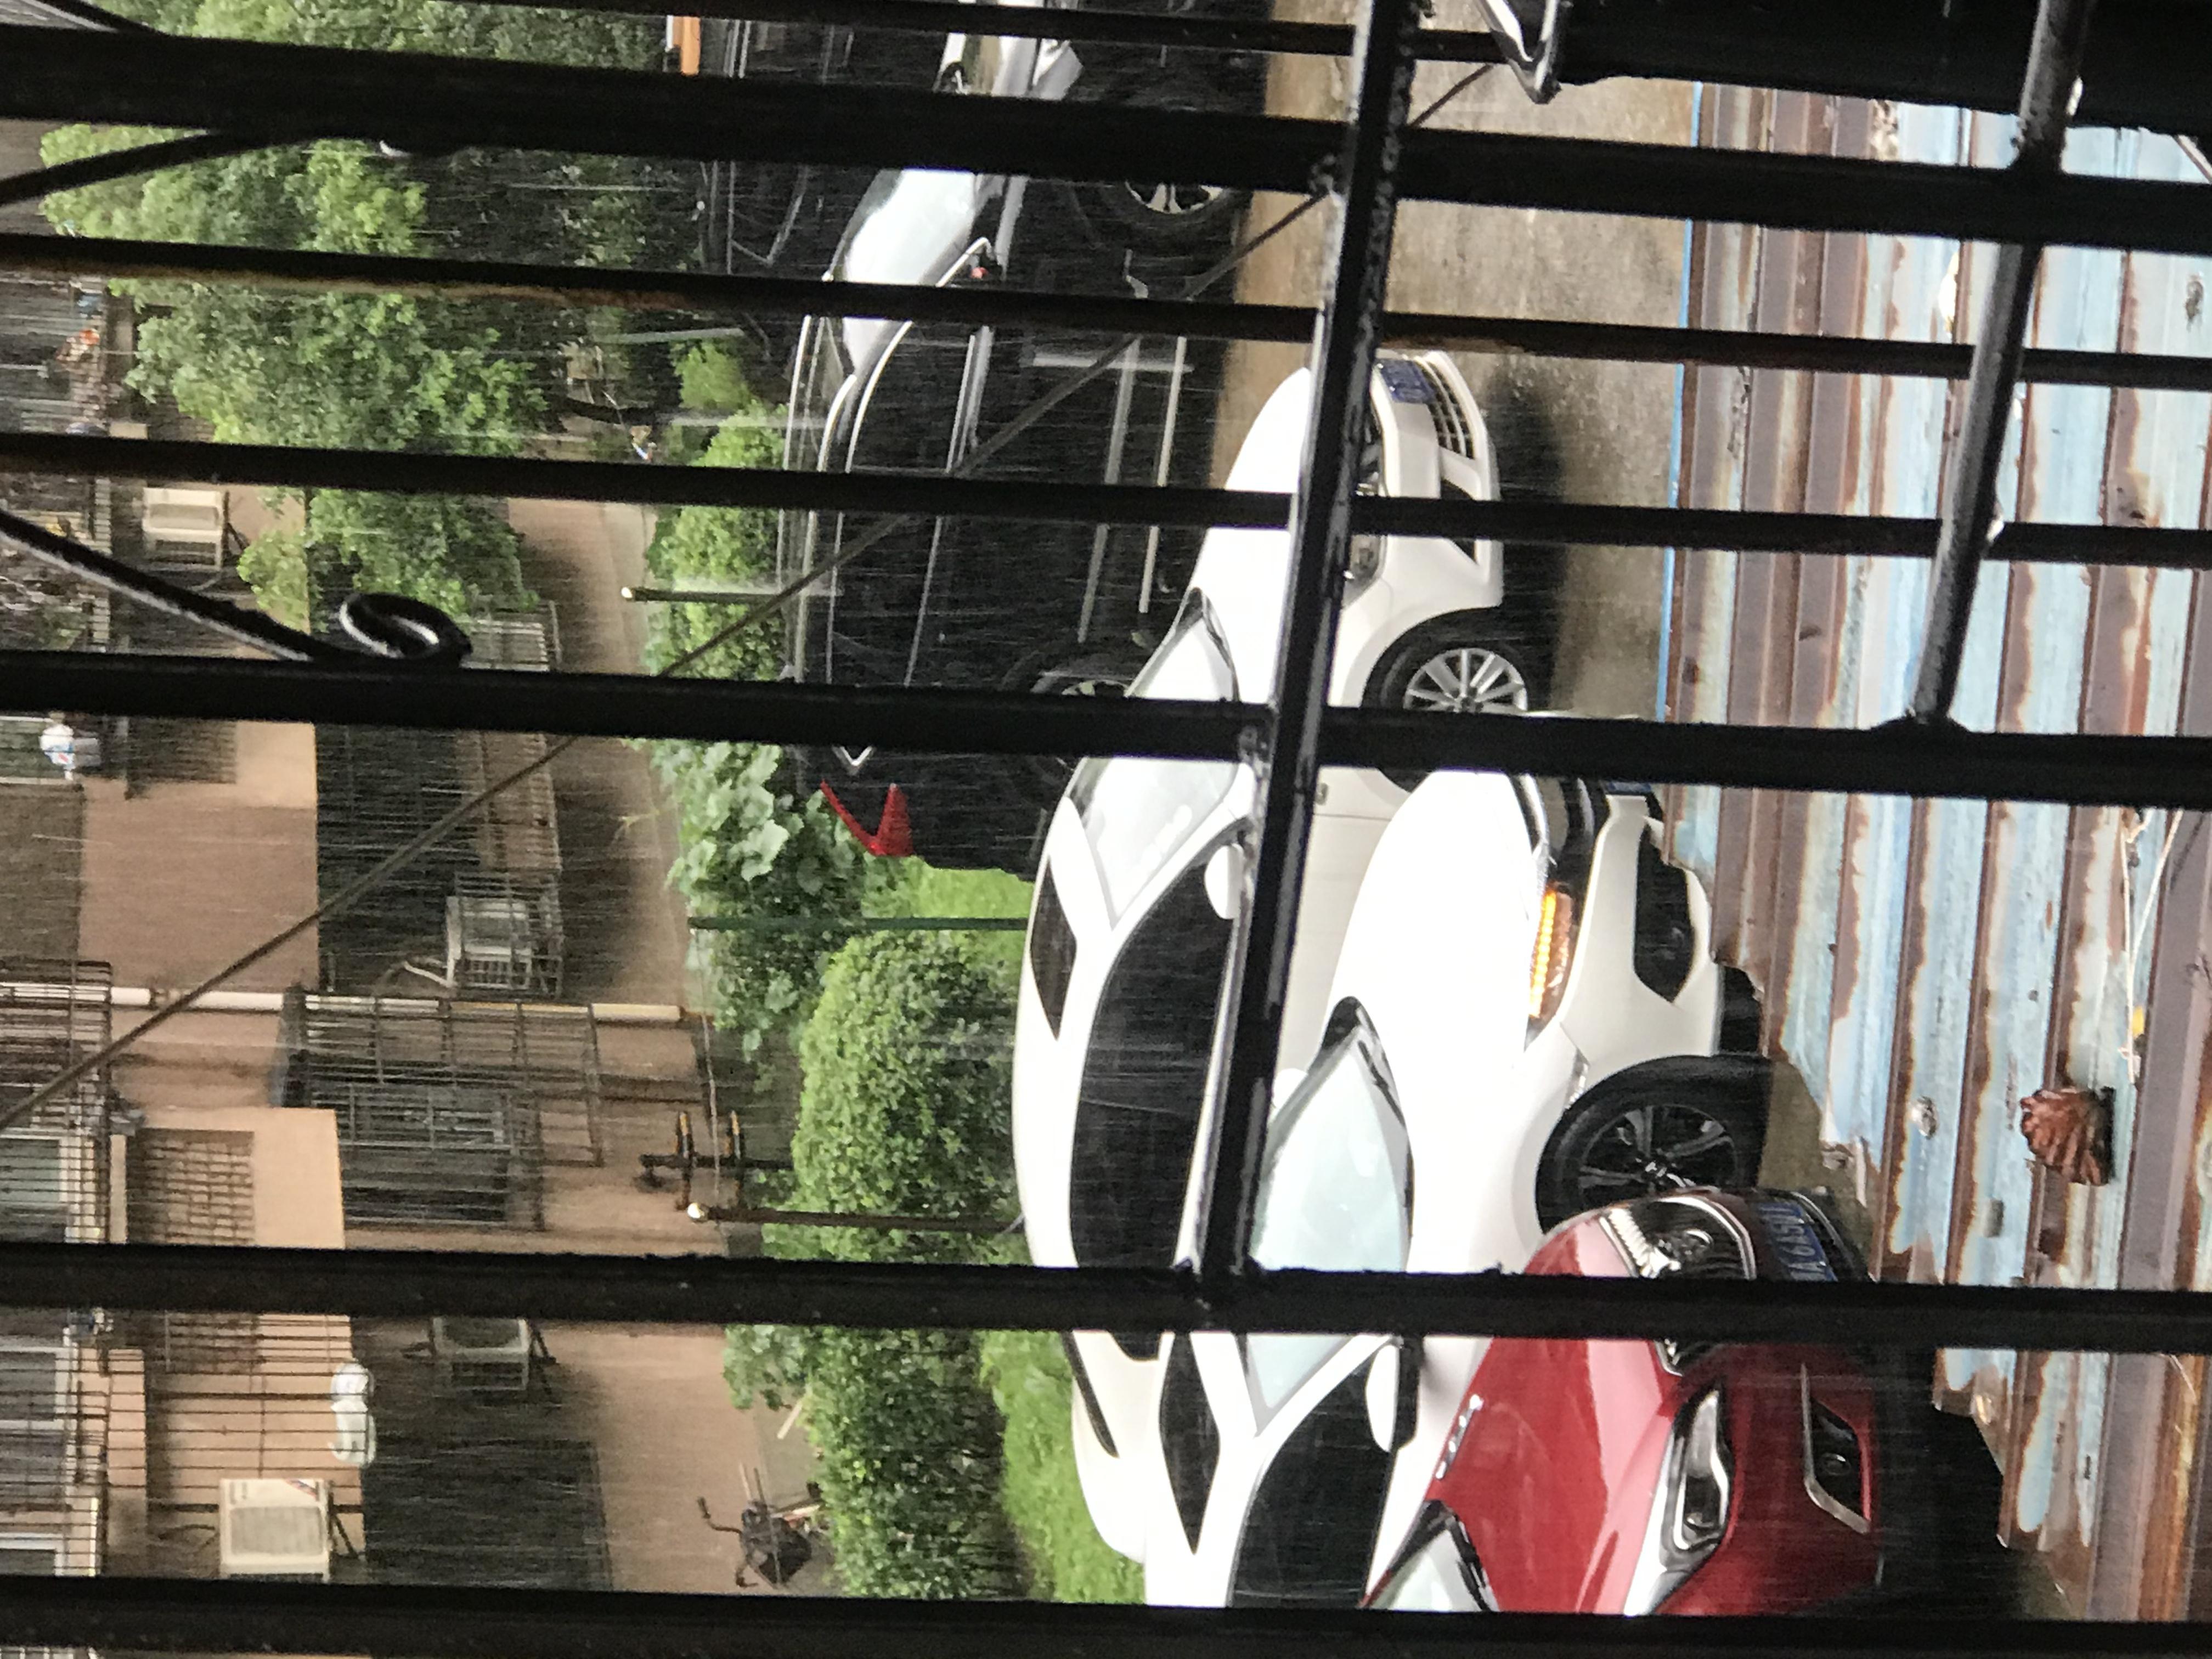 本田-思域 車輛停置鎖車斷電狀態,右轉向燈閃爍,下雨天閃爍頻繁,嚴重質量缺陷!